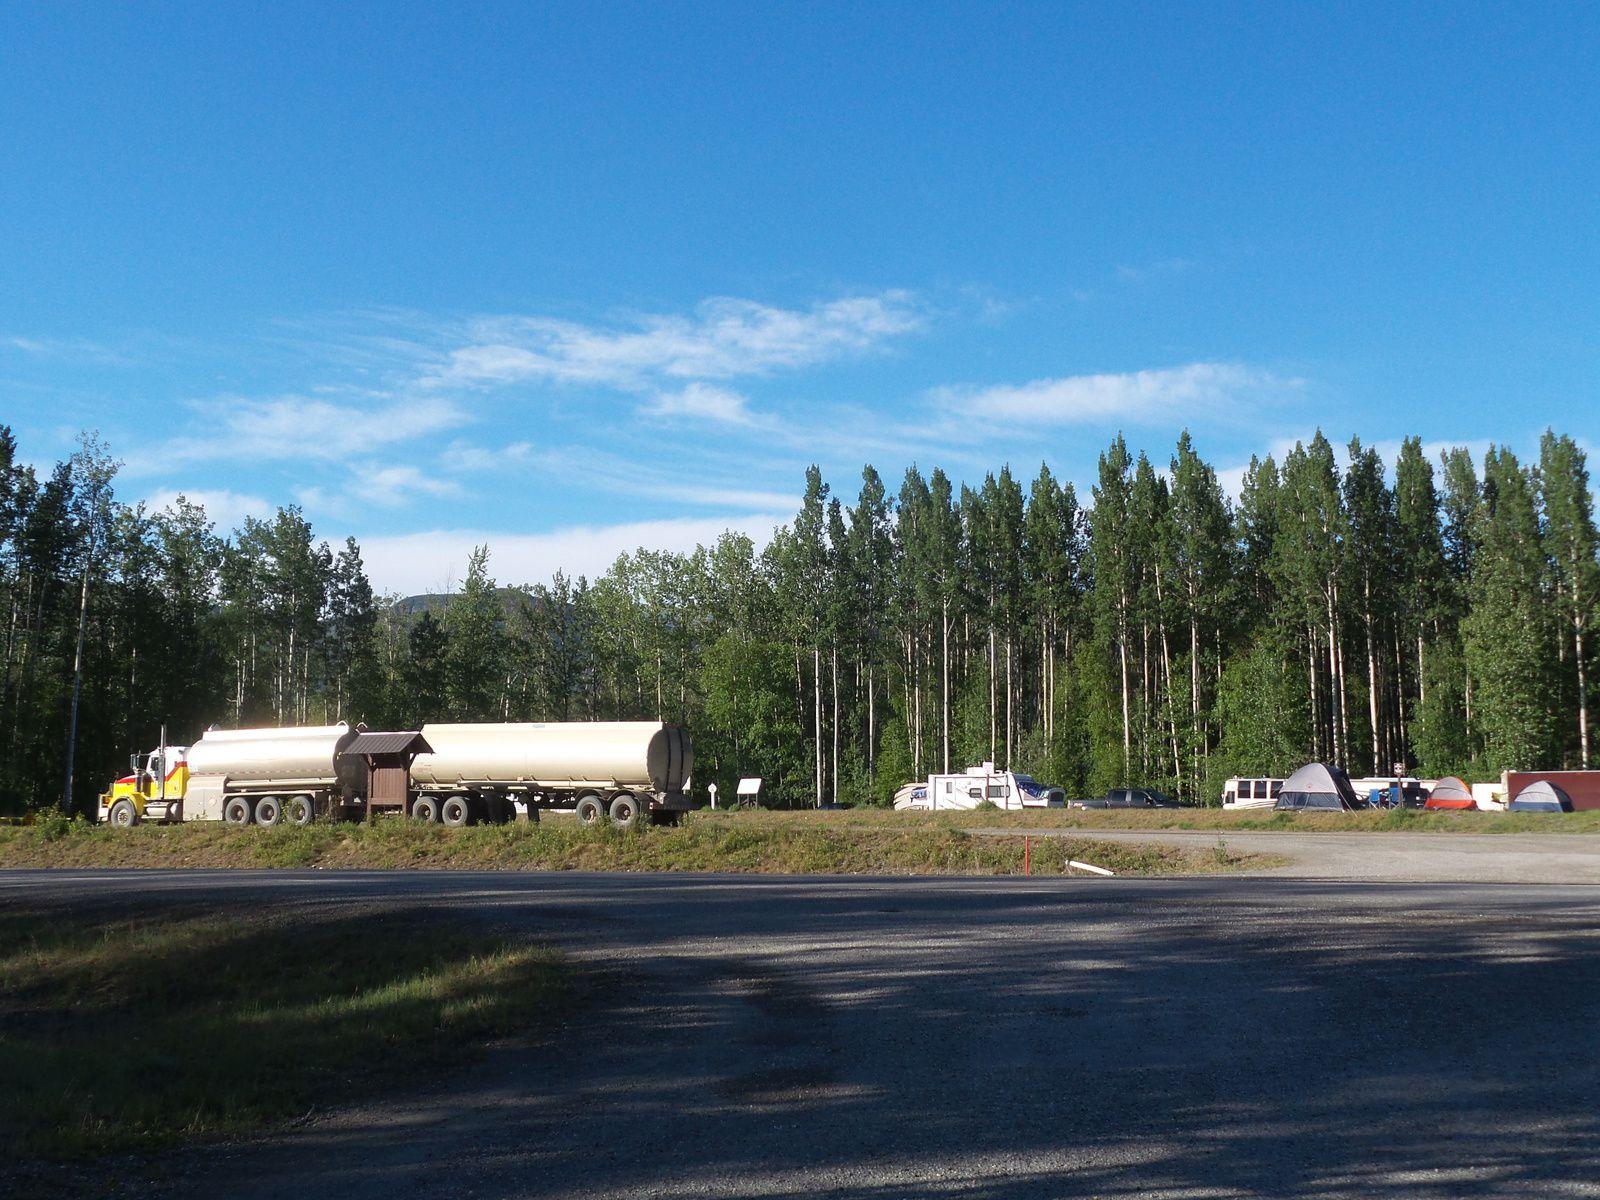 Je dis au revoir à mon camping ''over-flow''. Oh surprise! Ce sont les premières tentes que je vois à part la mienne